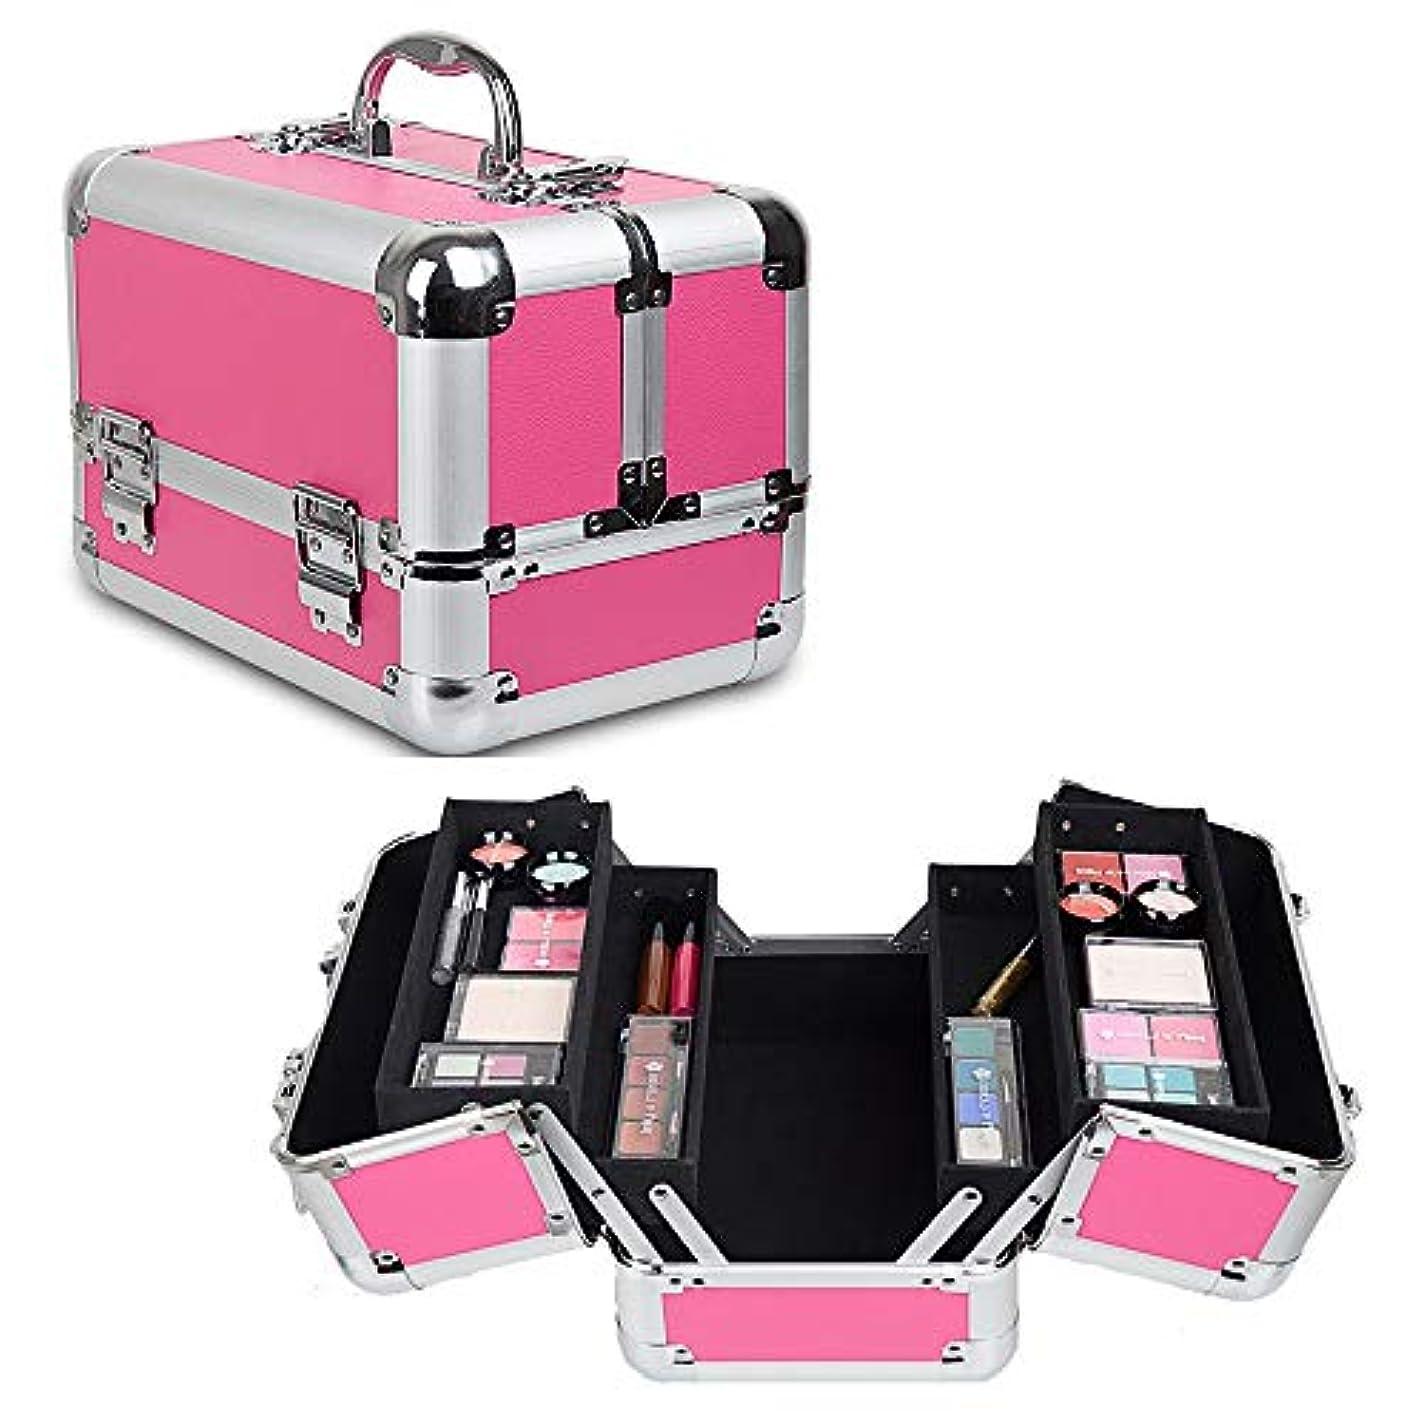 飲み込む霊信頼できる特大スペース収納ビューティーボックス 美の構造のためそしてジッパーおよび折る皿が付いている女の子の女性旅行そして毎日の貯蔵のための高容量の携帯用化粧品袋 化粧品化粧台